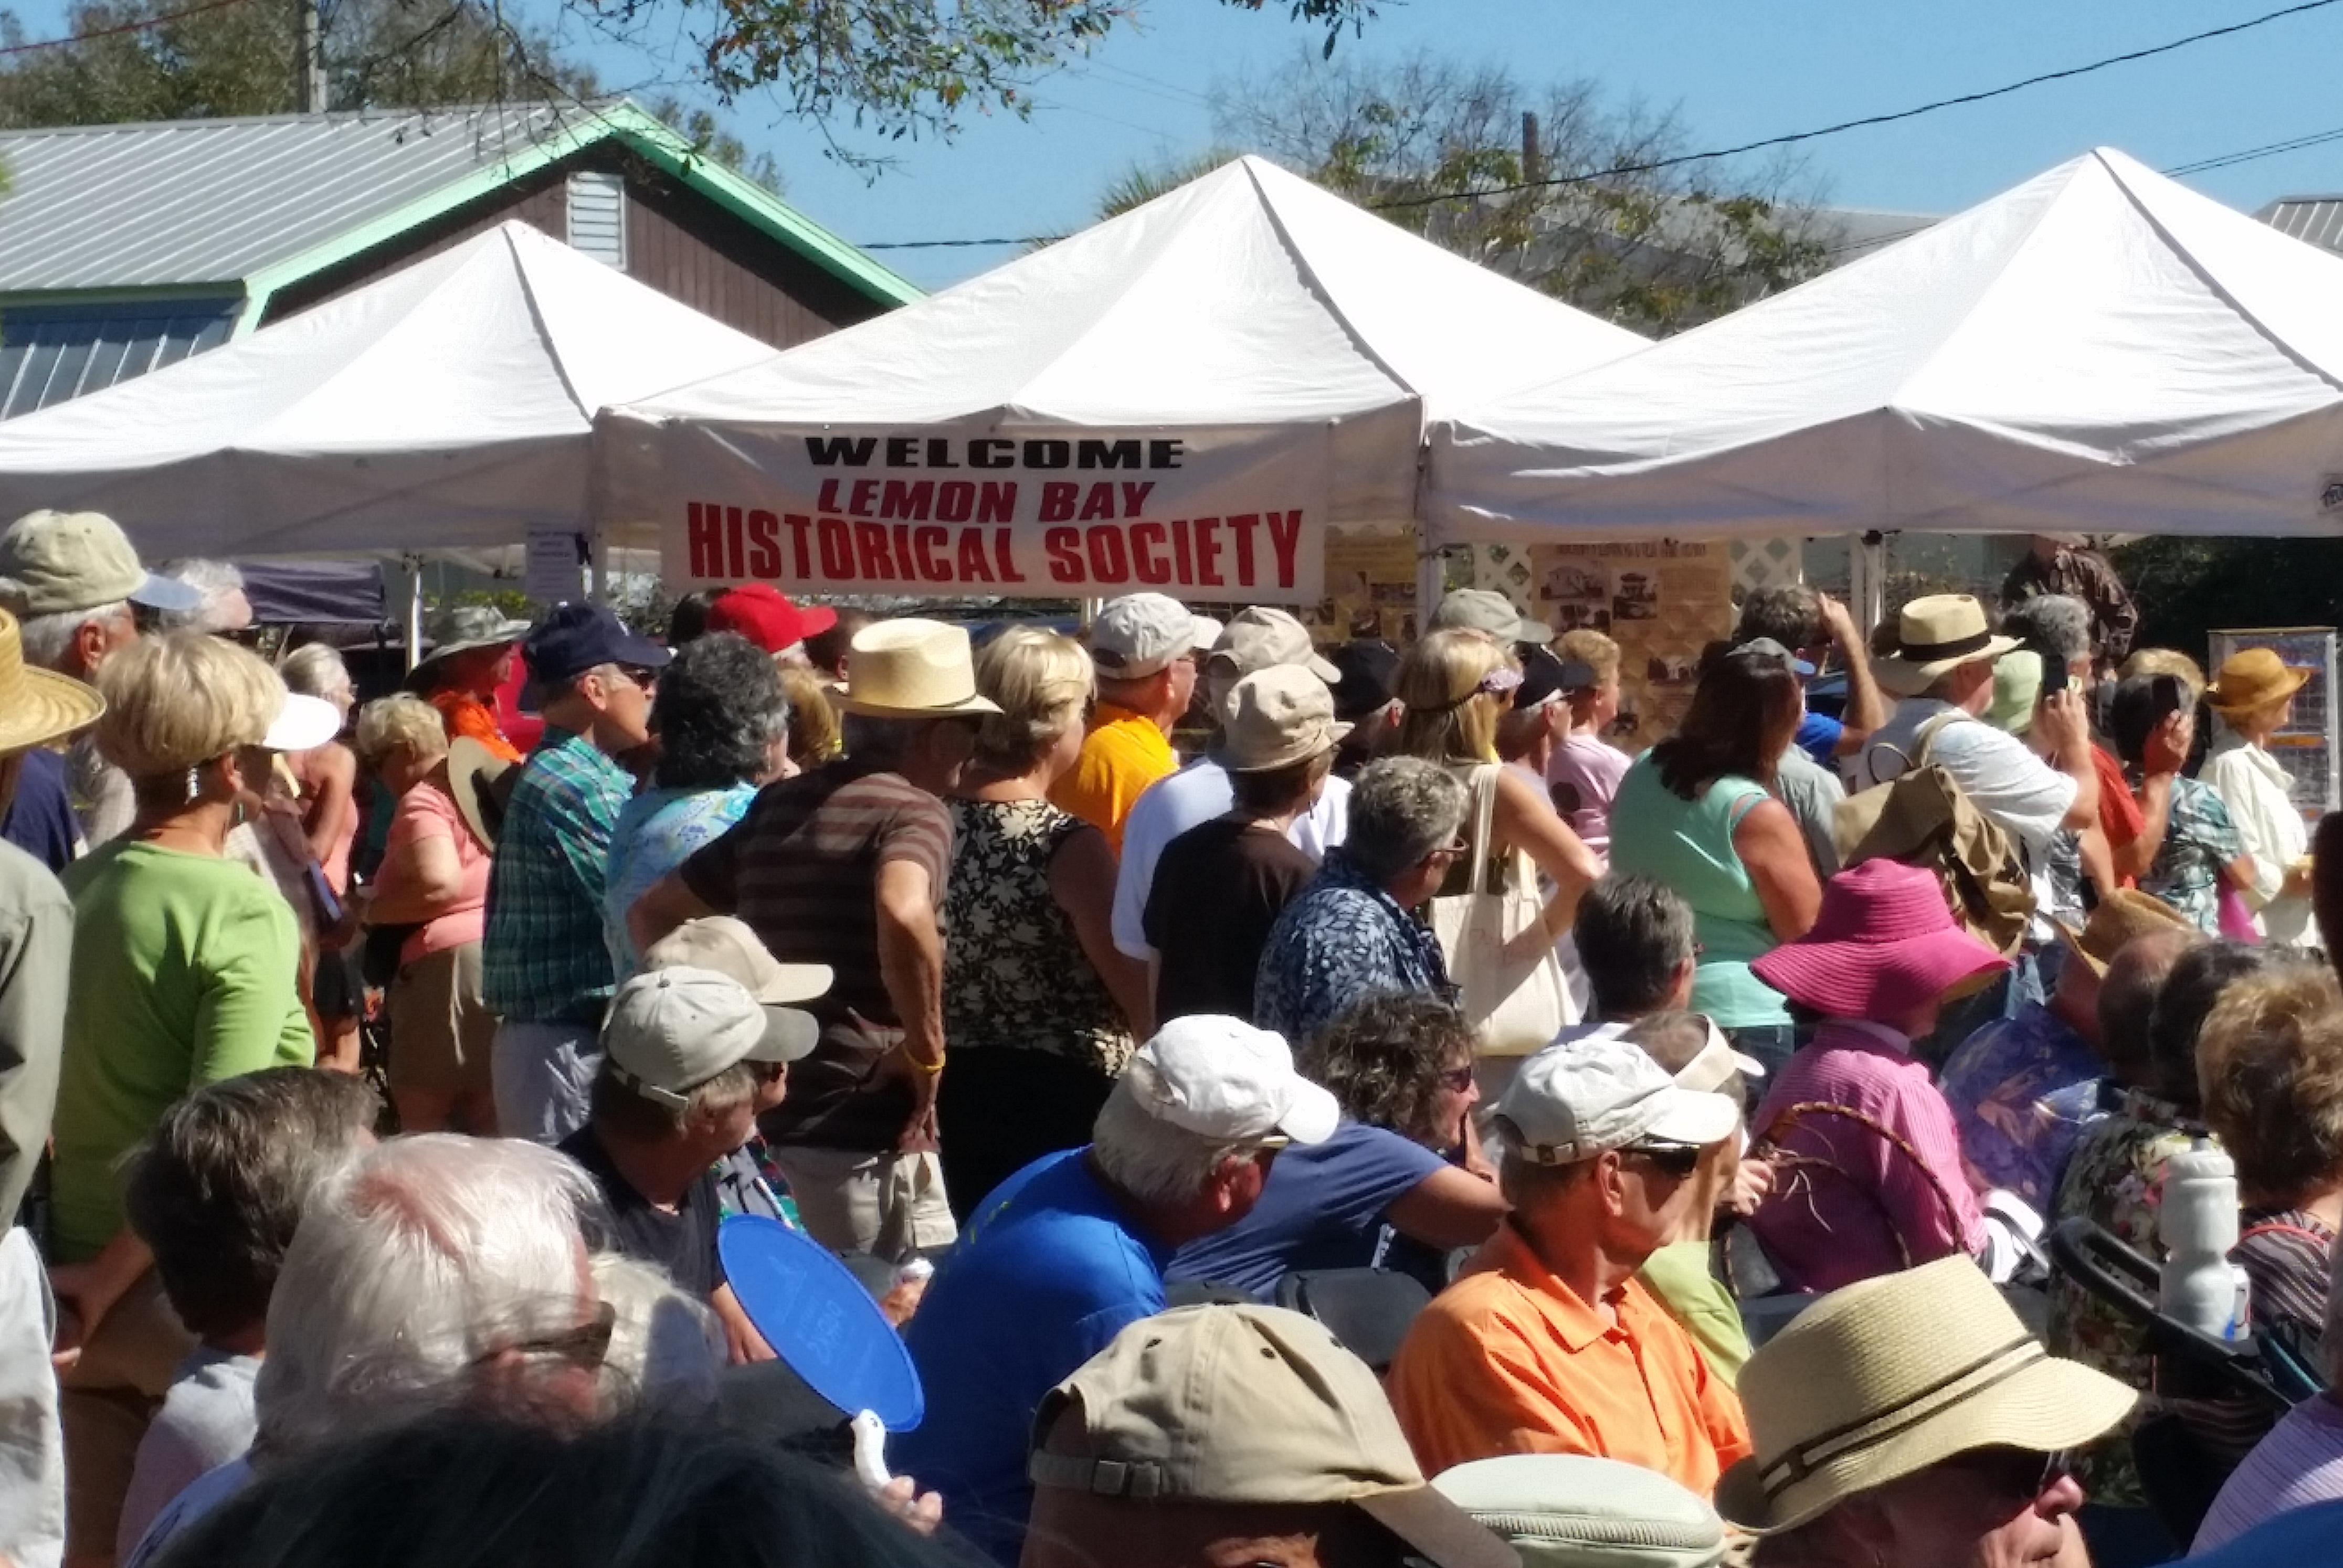 Englewood Street Fair 2020.Cracker Fair 2019 Lemon Bay Historical Society